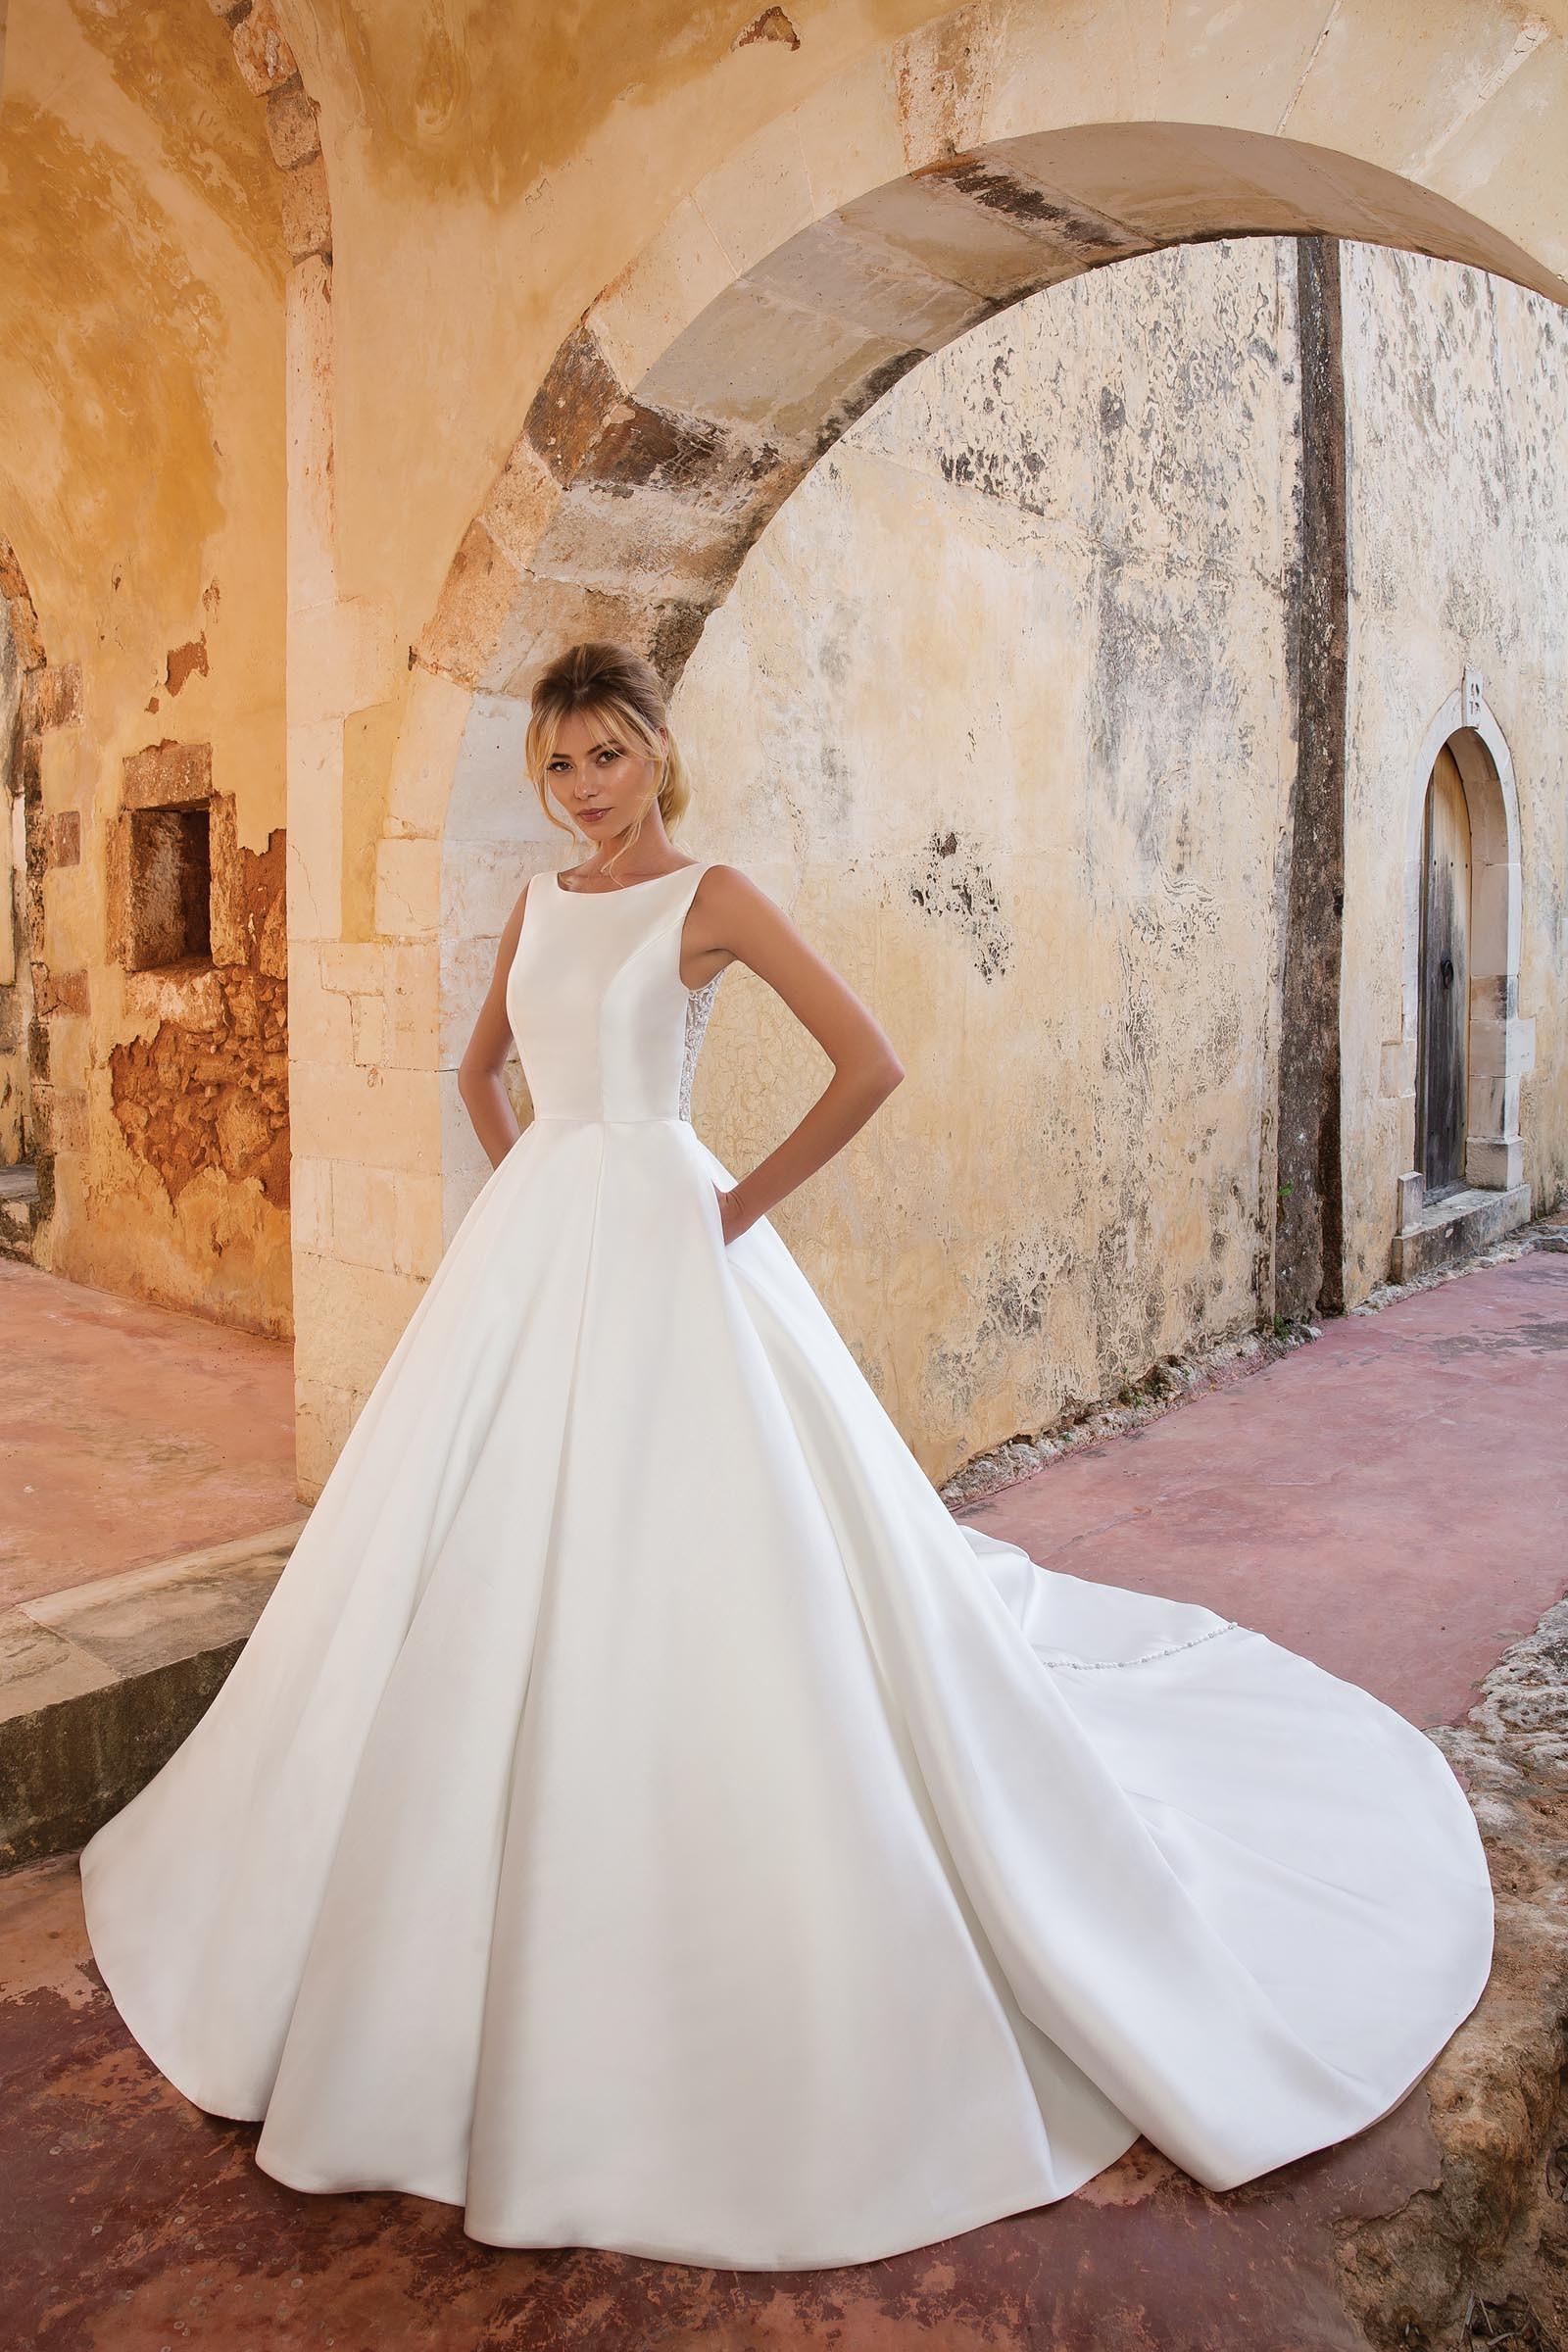 Prinzessinnen-Brautkleid mit langer Schleppe und Knopfleiste in